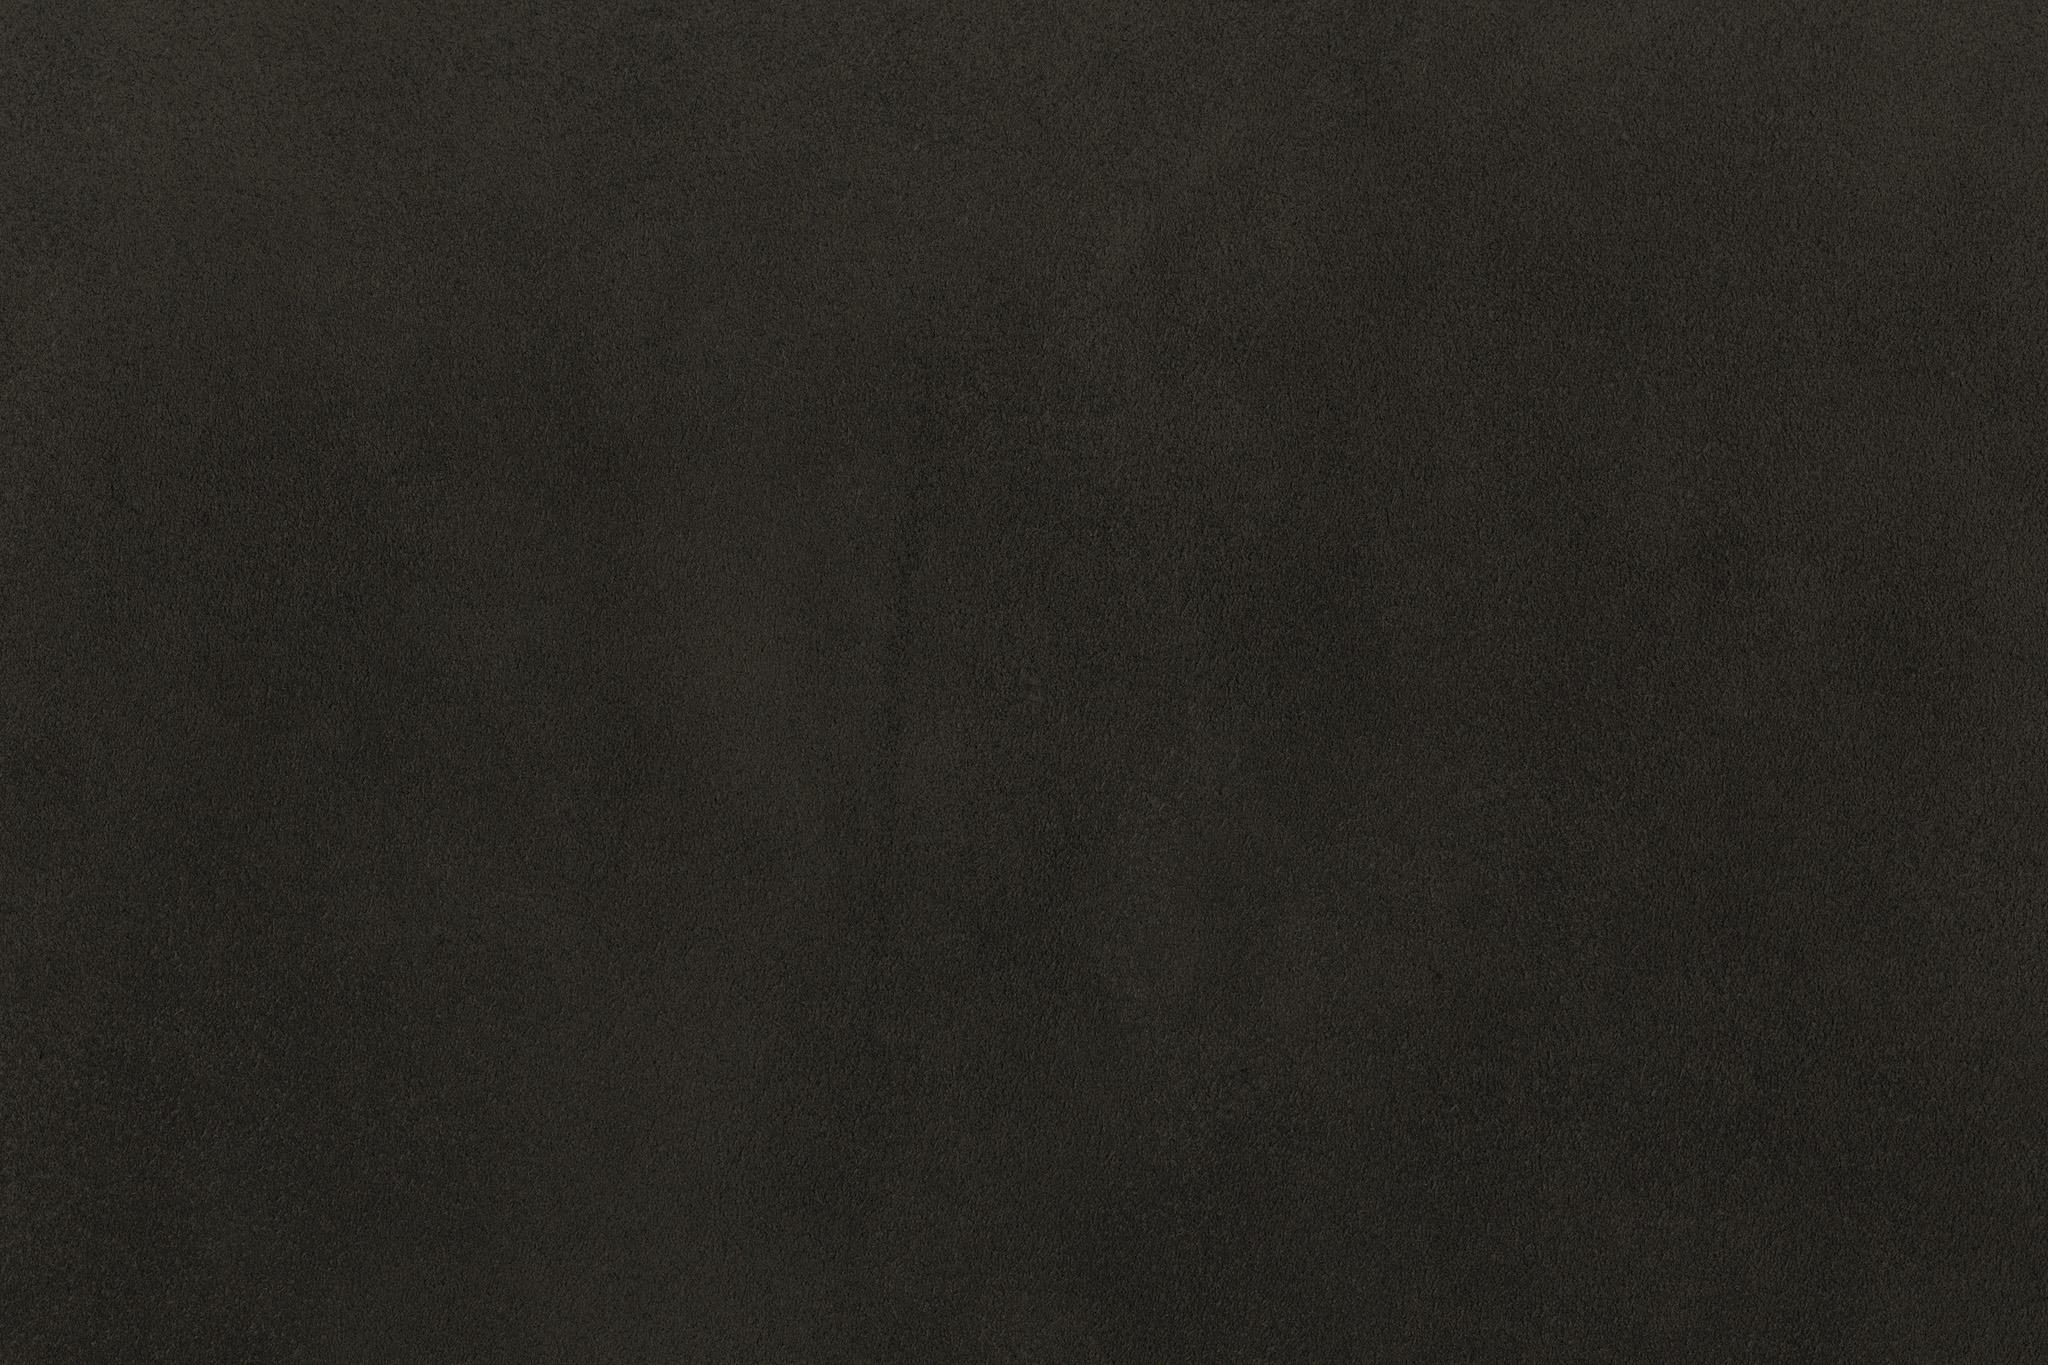 「ダーク色系の牛革」の画像を無料ダウンロード